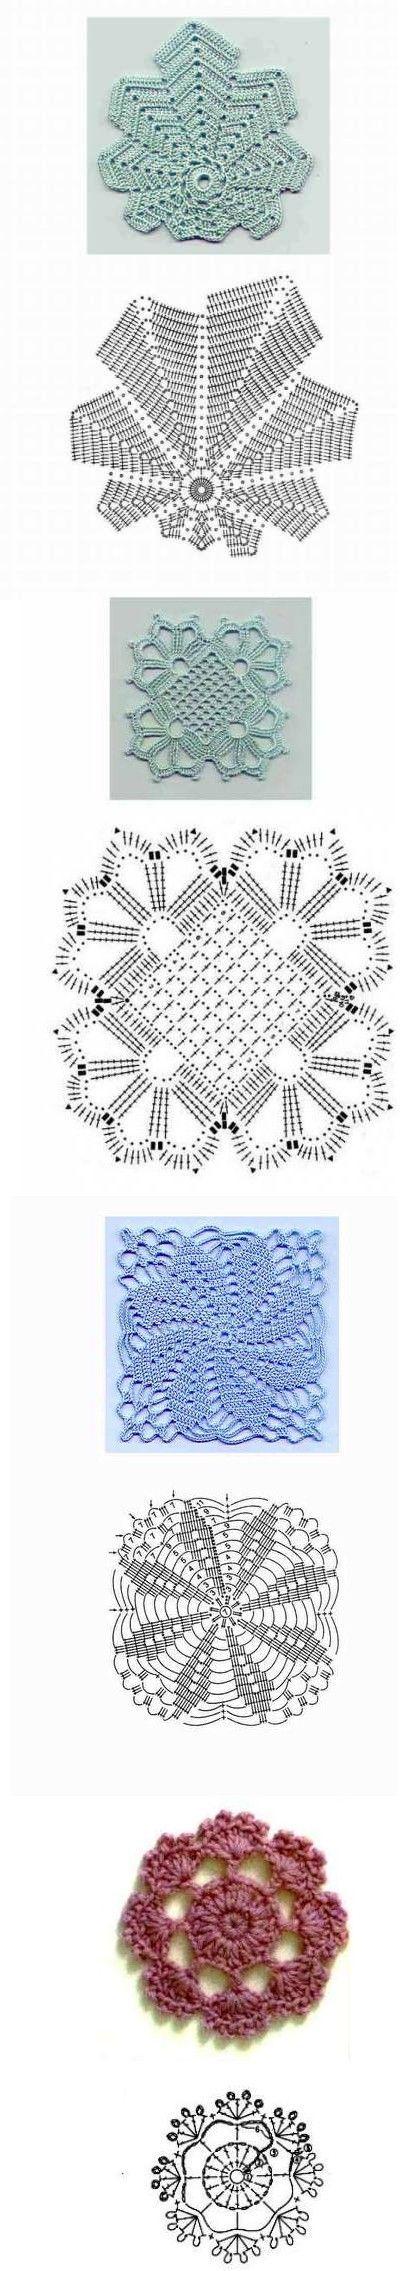 crochet motifs: